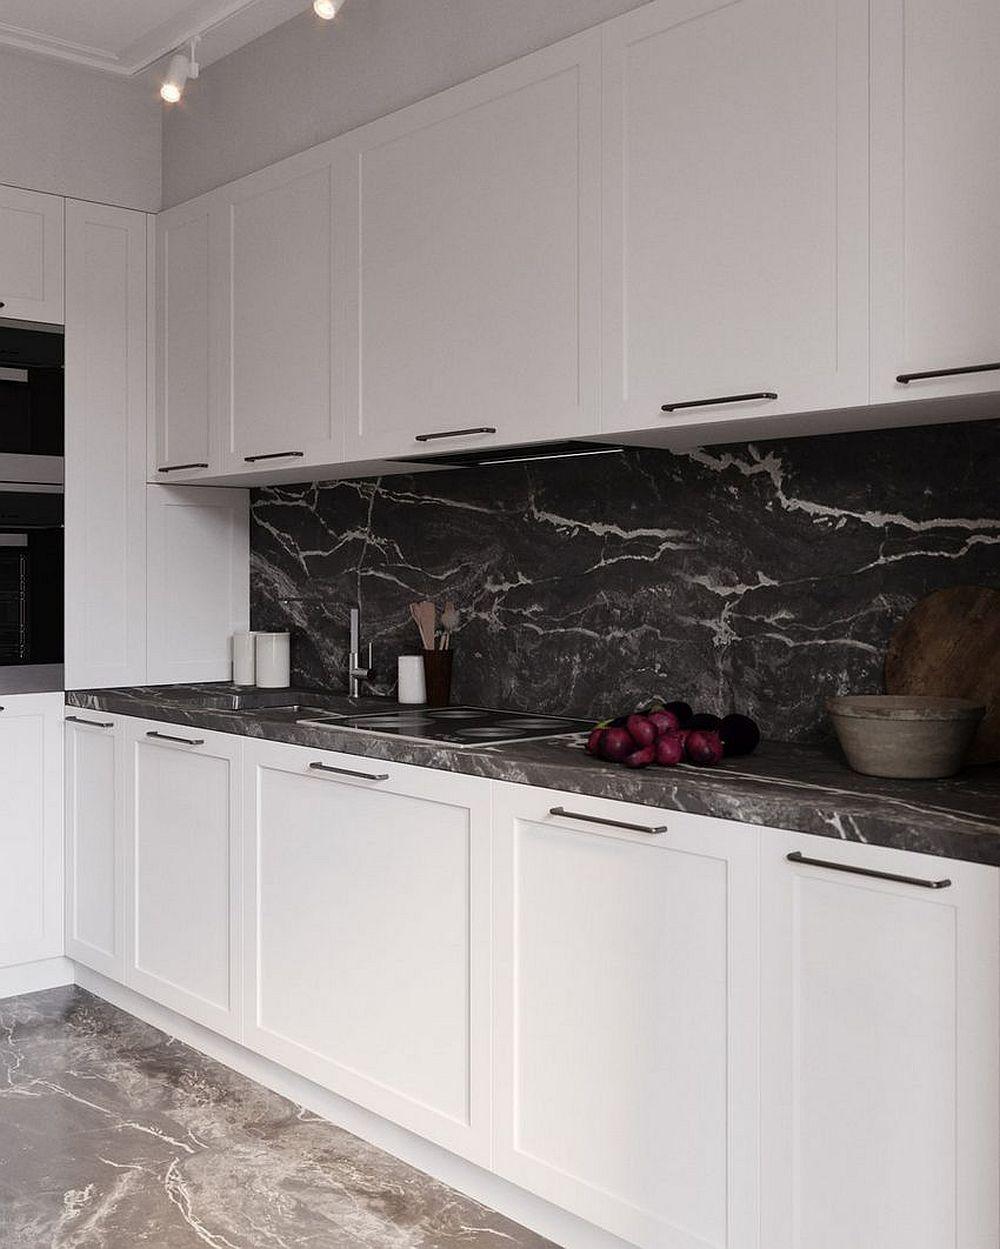 Pentru ca imaginea bucătăriei să nu fie fragmetată de către electrocasnice, cuptoarele și frigiderul au fost grupate într-o parte, iar în rest linia este curată.